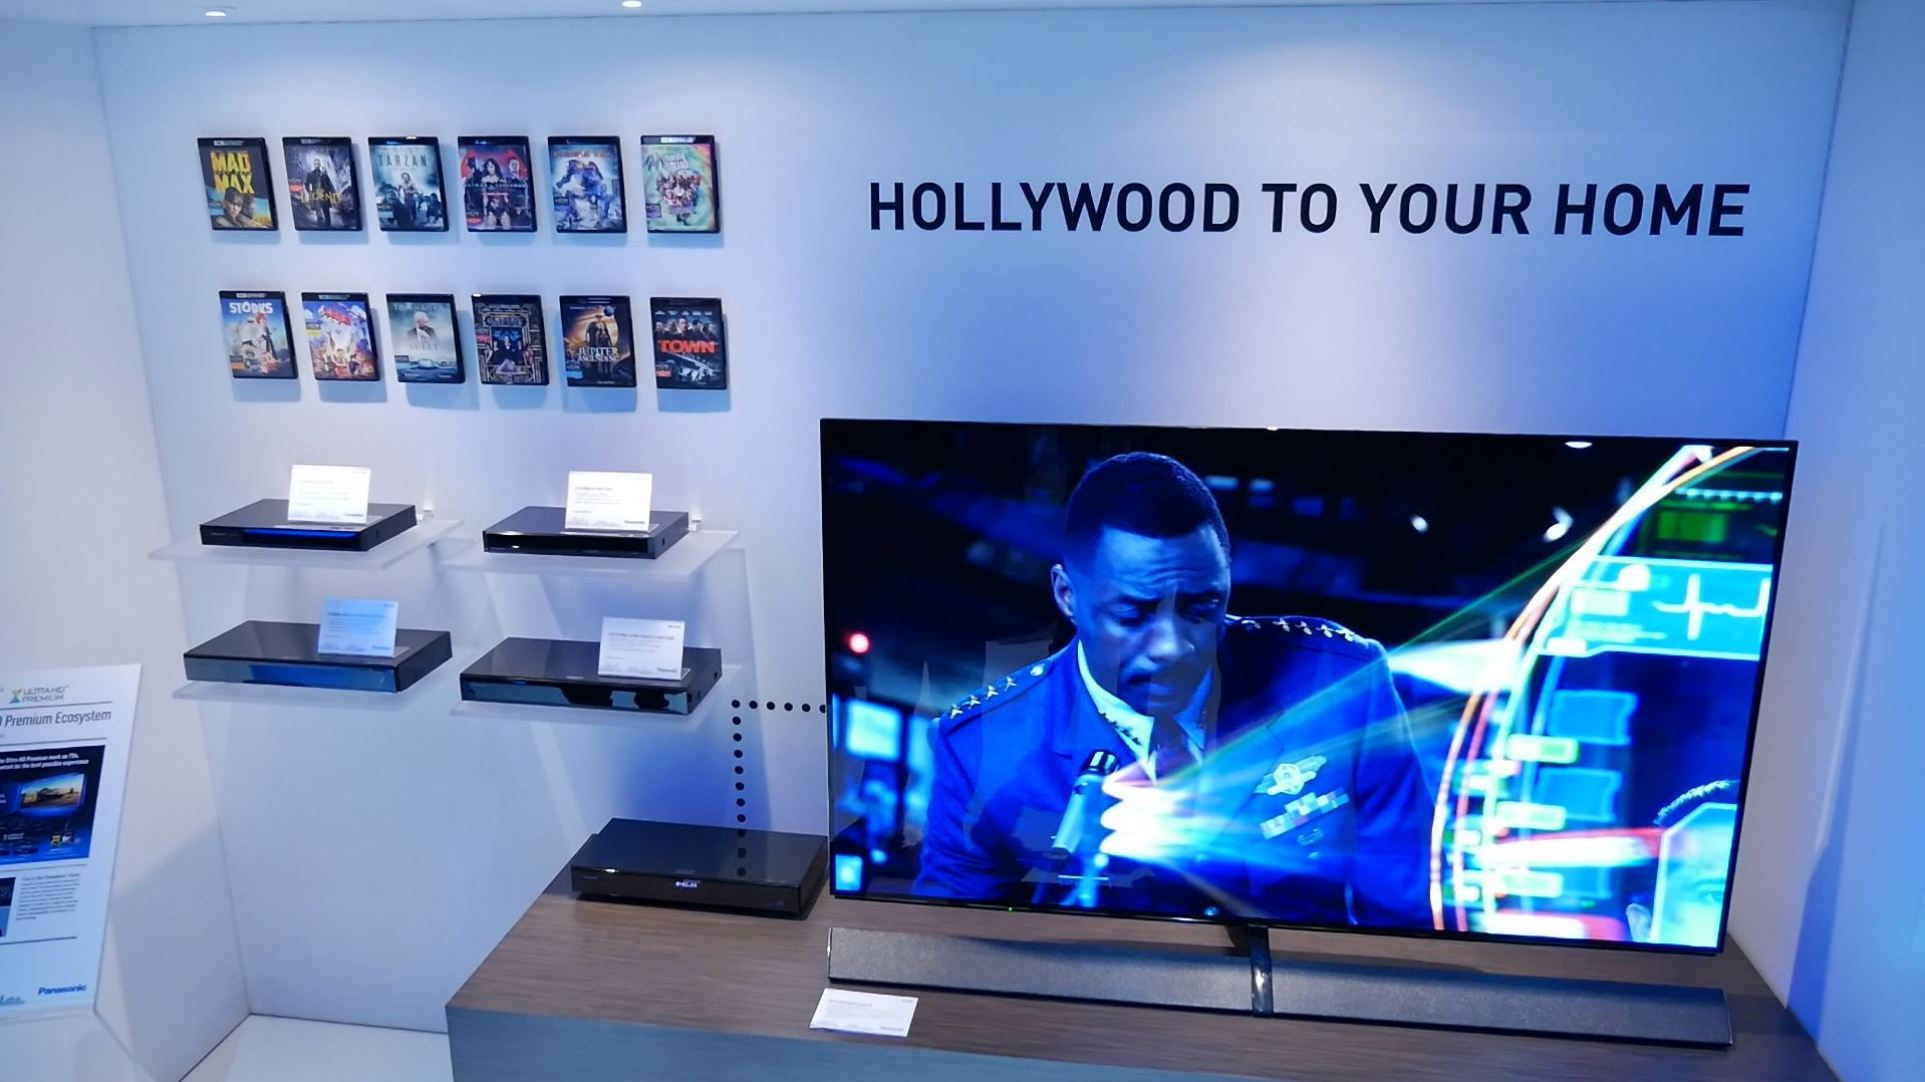 Przegląd odtwarzaczy Ultra HD Blu-ray od Panasonic